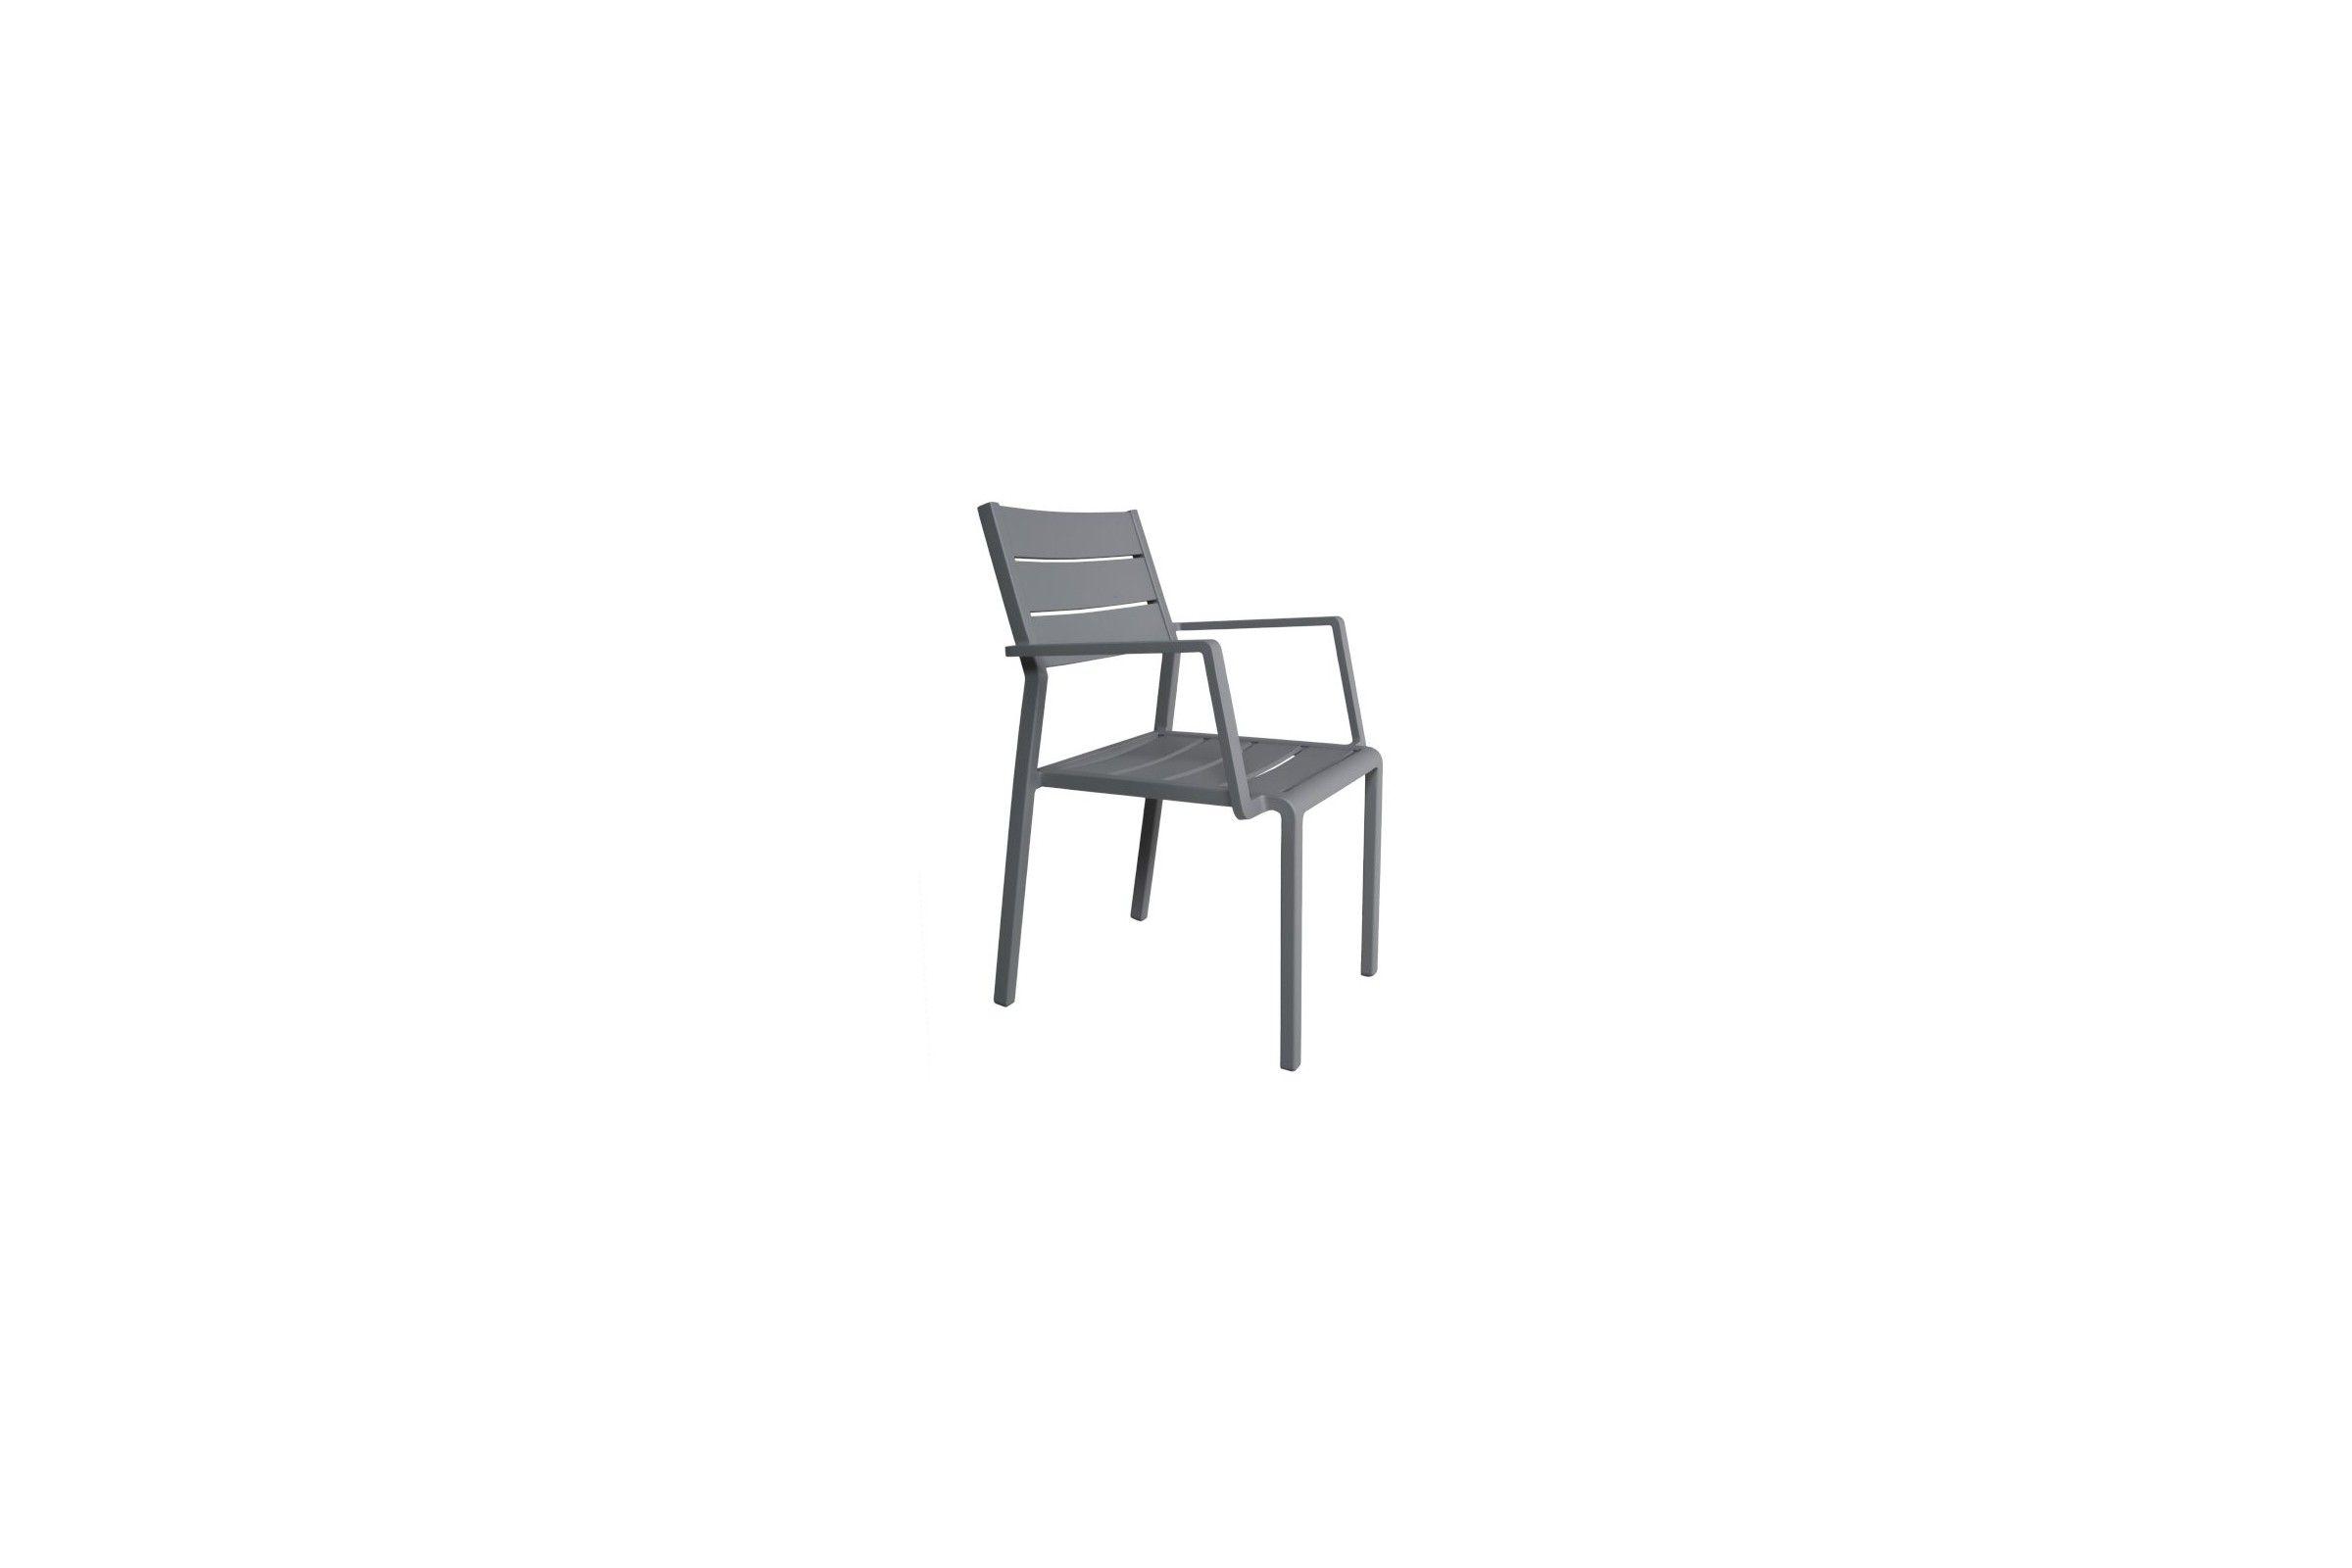 fauteuil de jardin empilable en aluminium mat blanc gris ou ivoire la galerie du teck. Black Bedroom Furniture Sets. Home Design Ideas